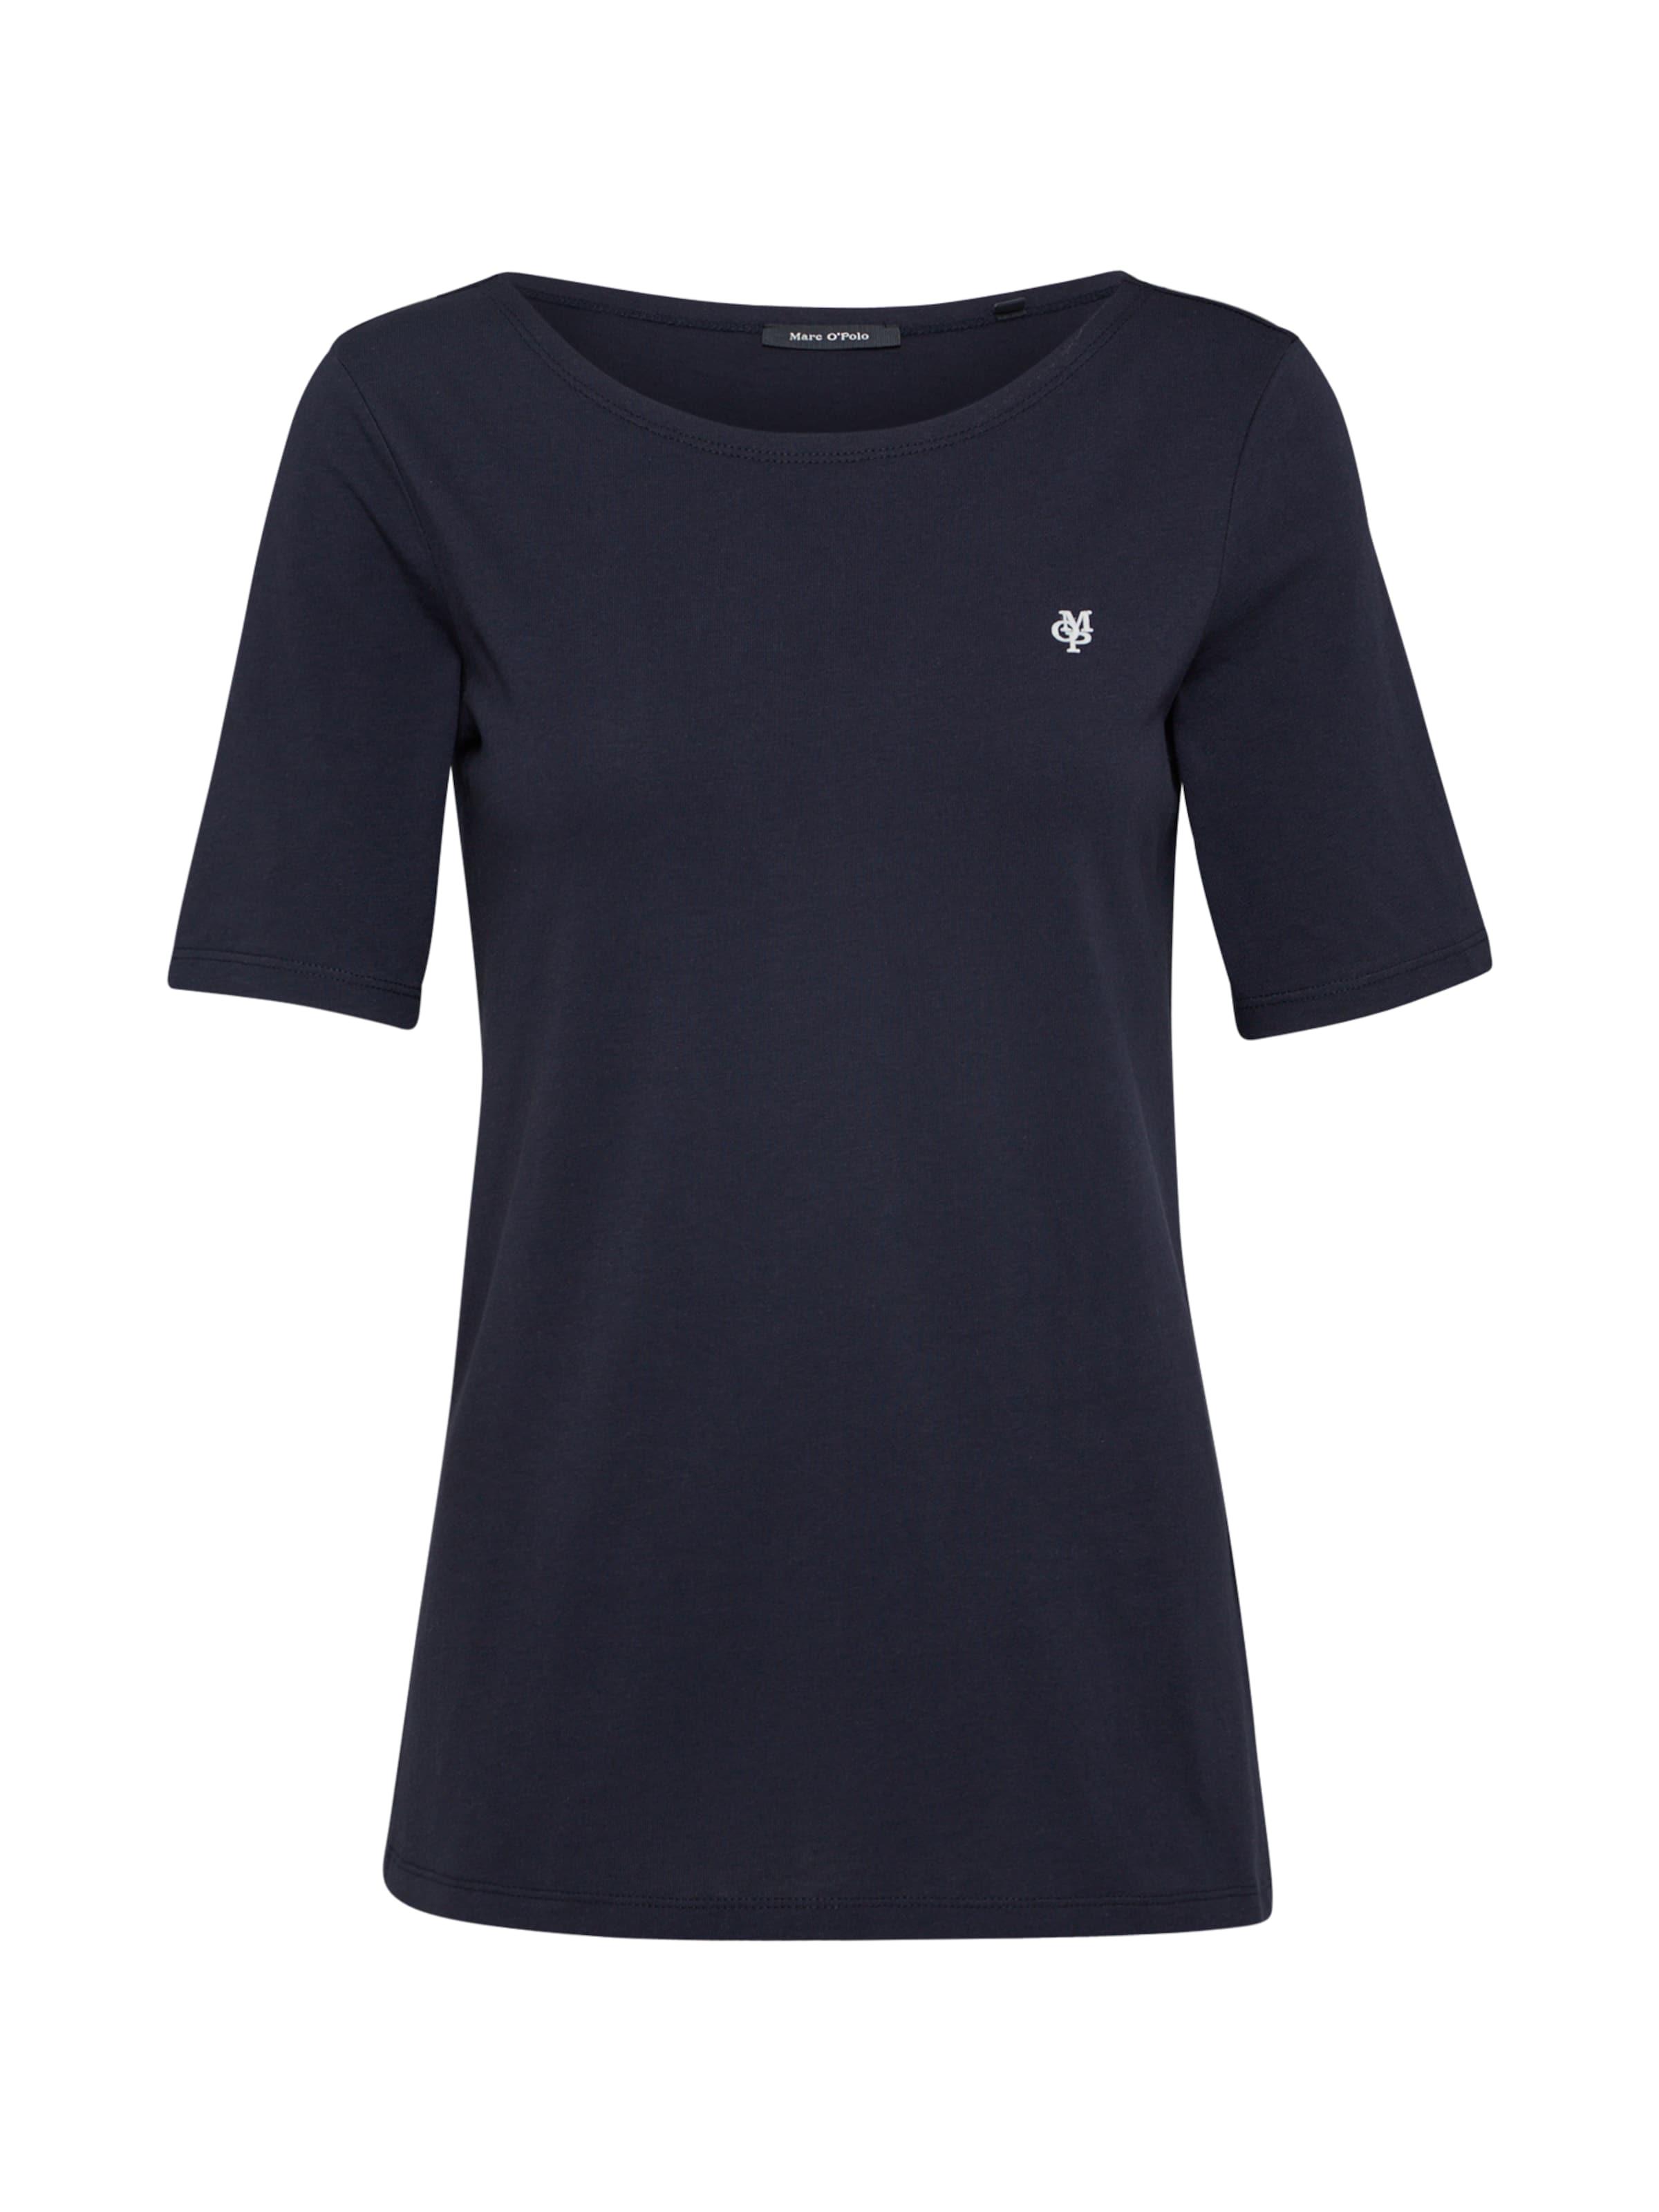 O'polo shirt In T Marc Nachtblau n0PyvN8mwO